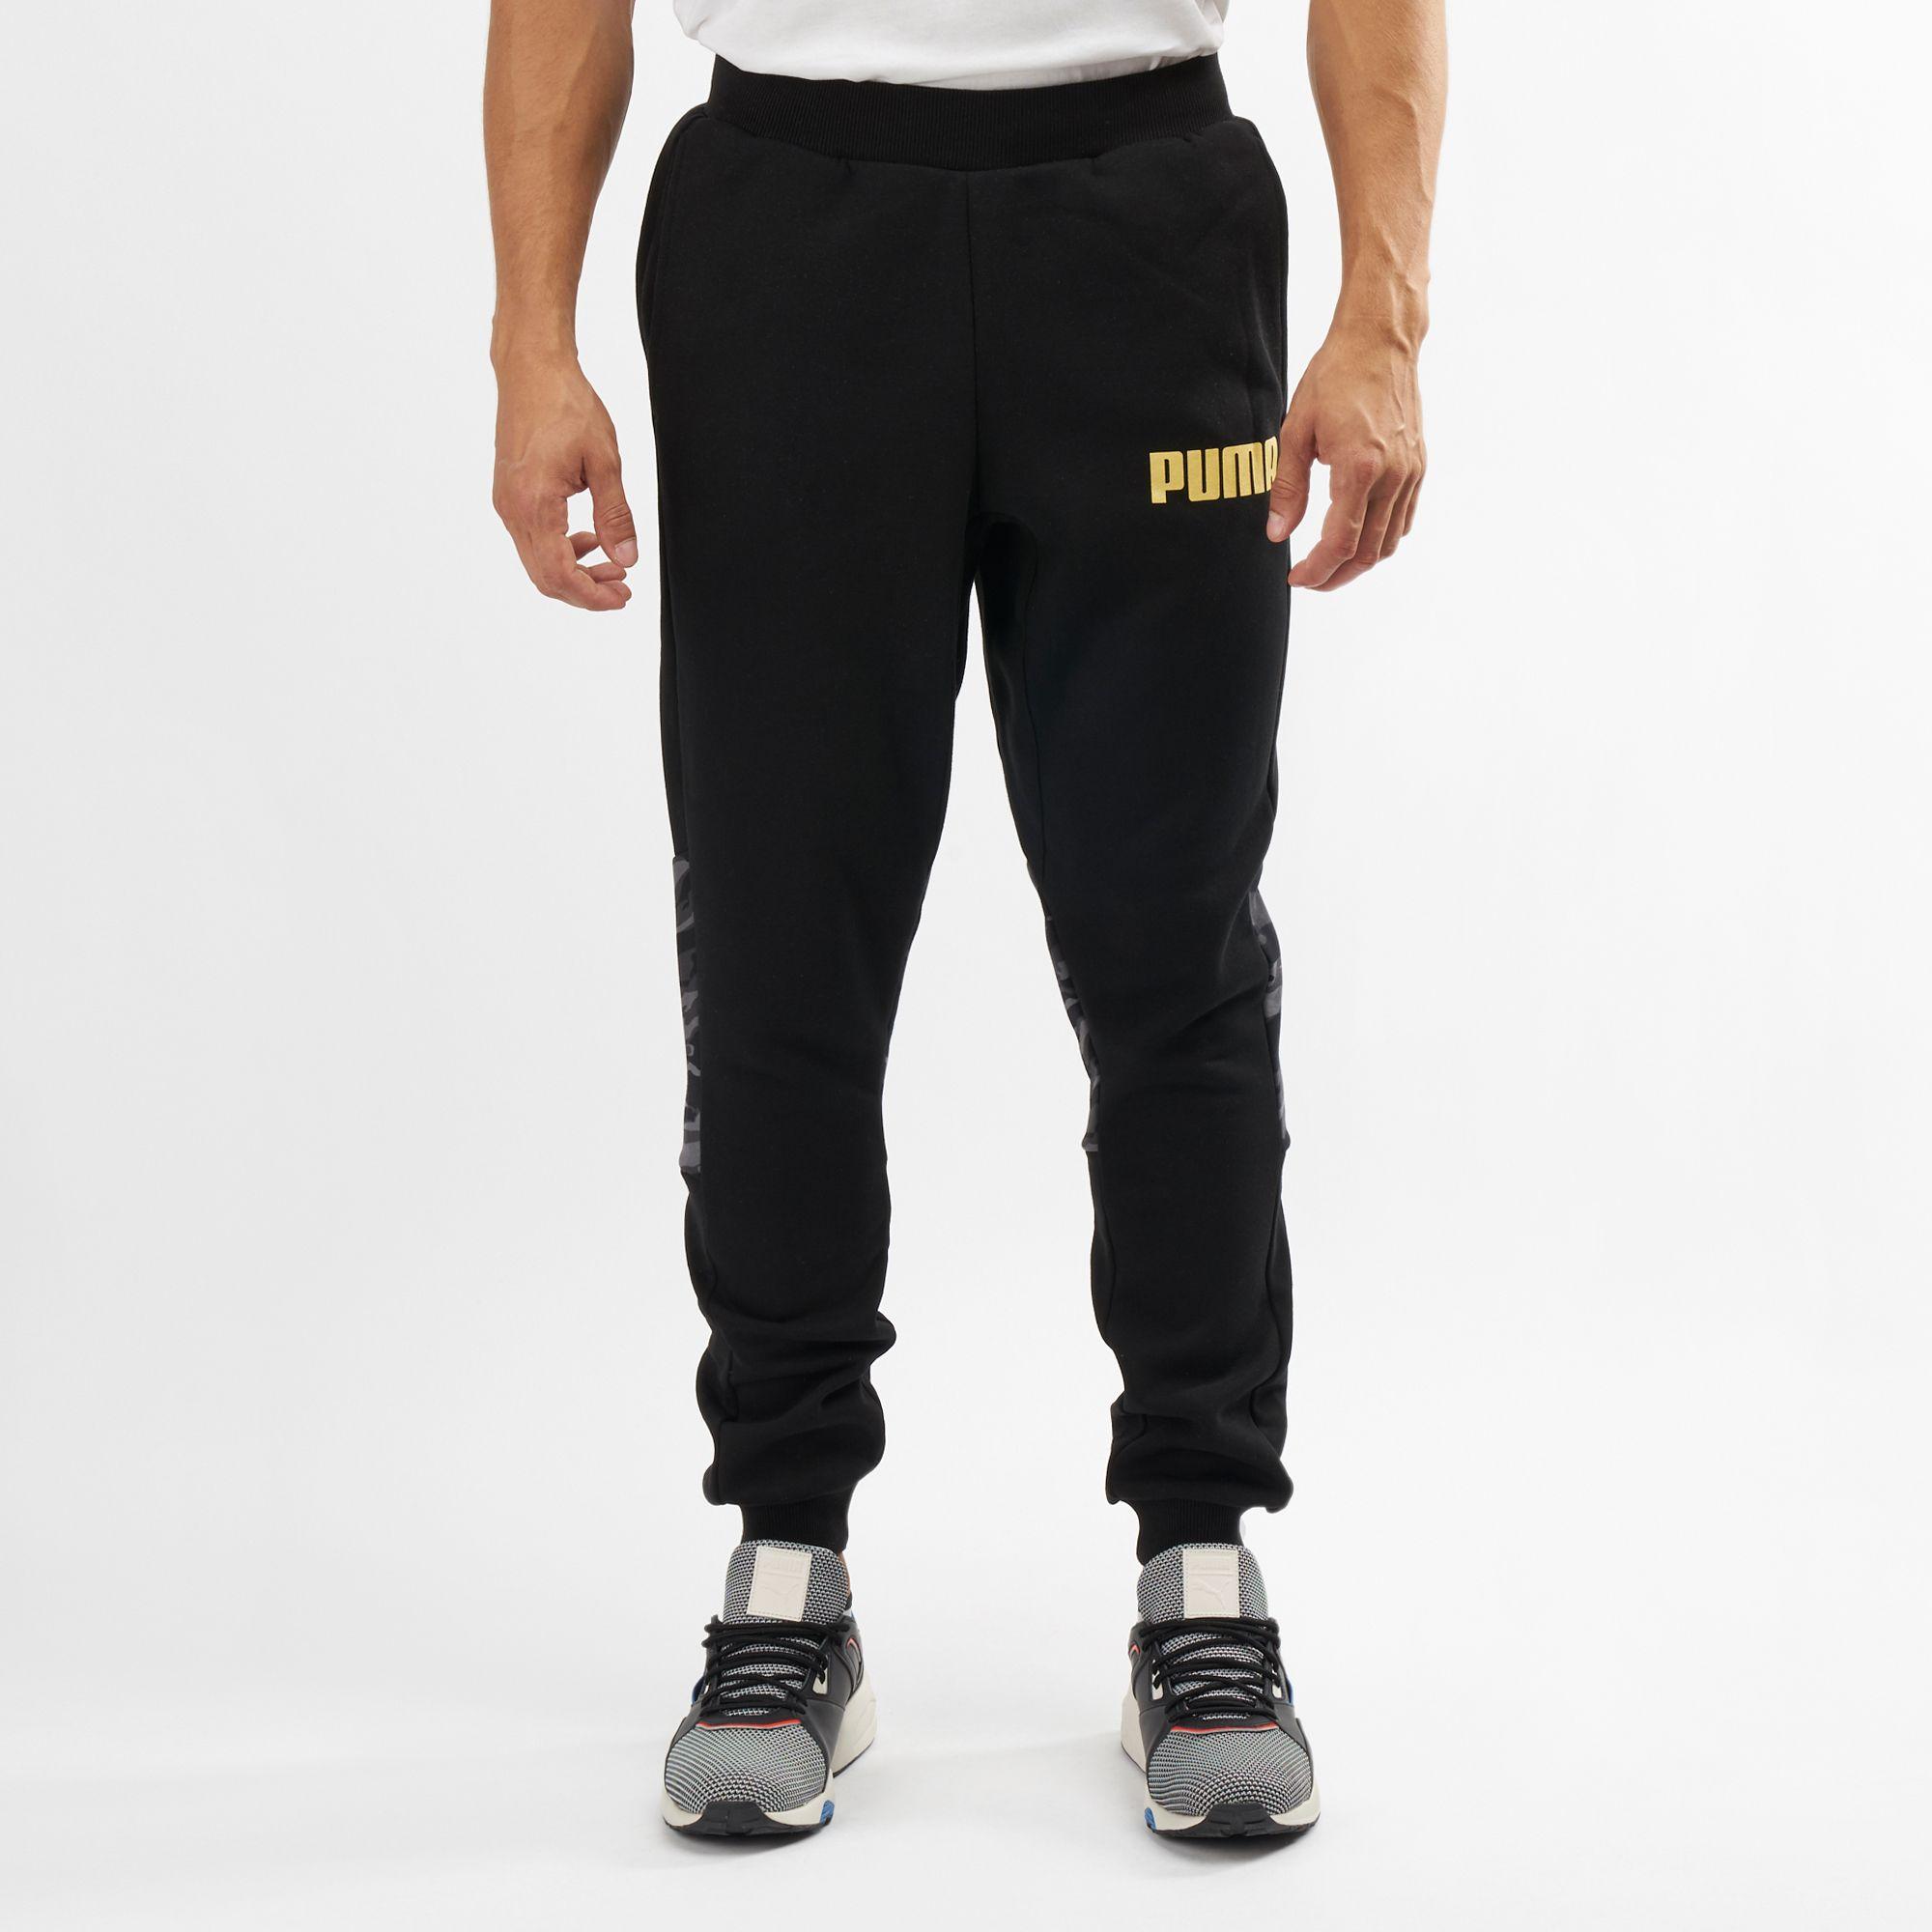 f924f825a483 PUMA Men s Camo Sweatpants